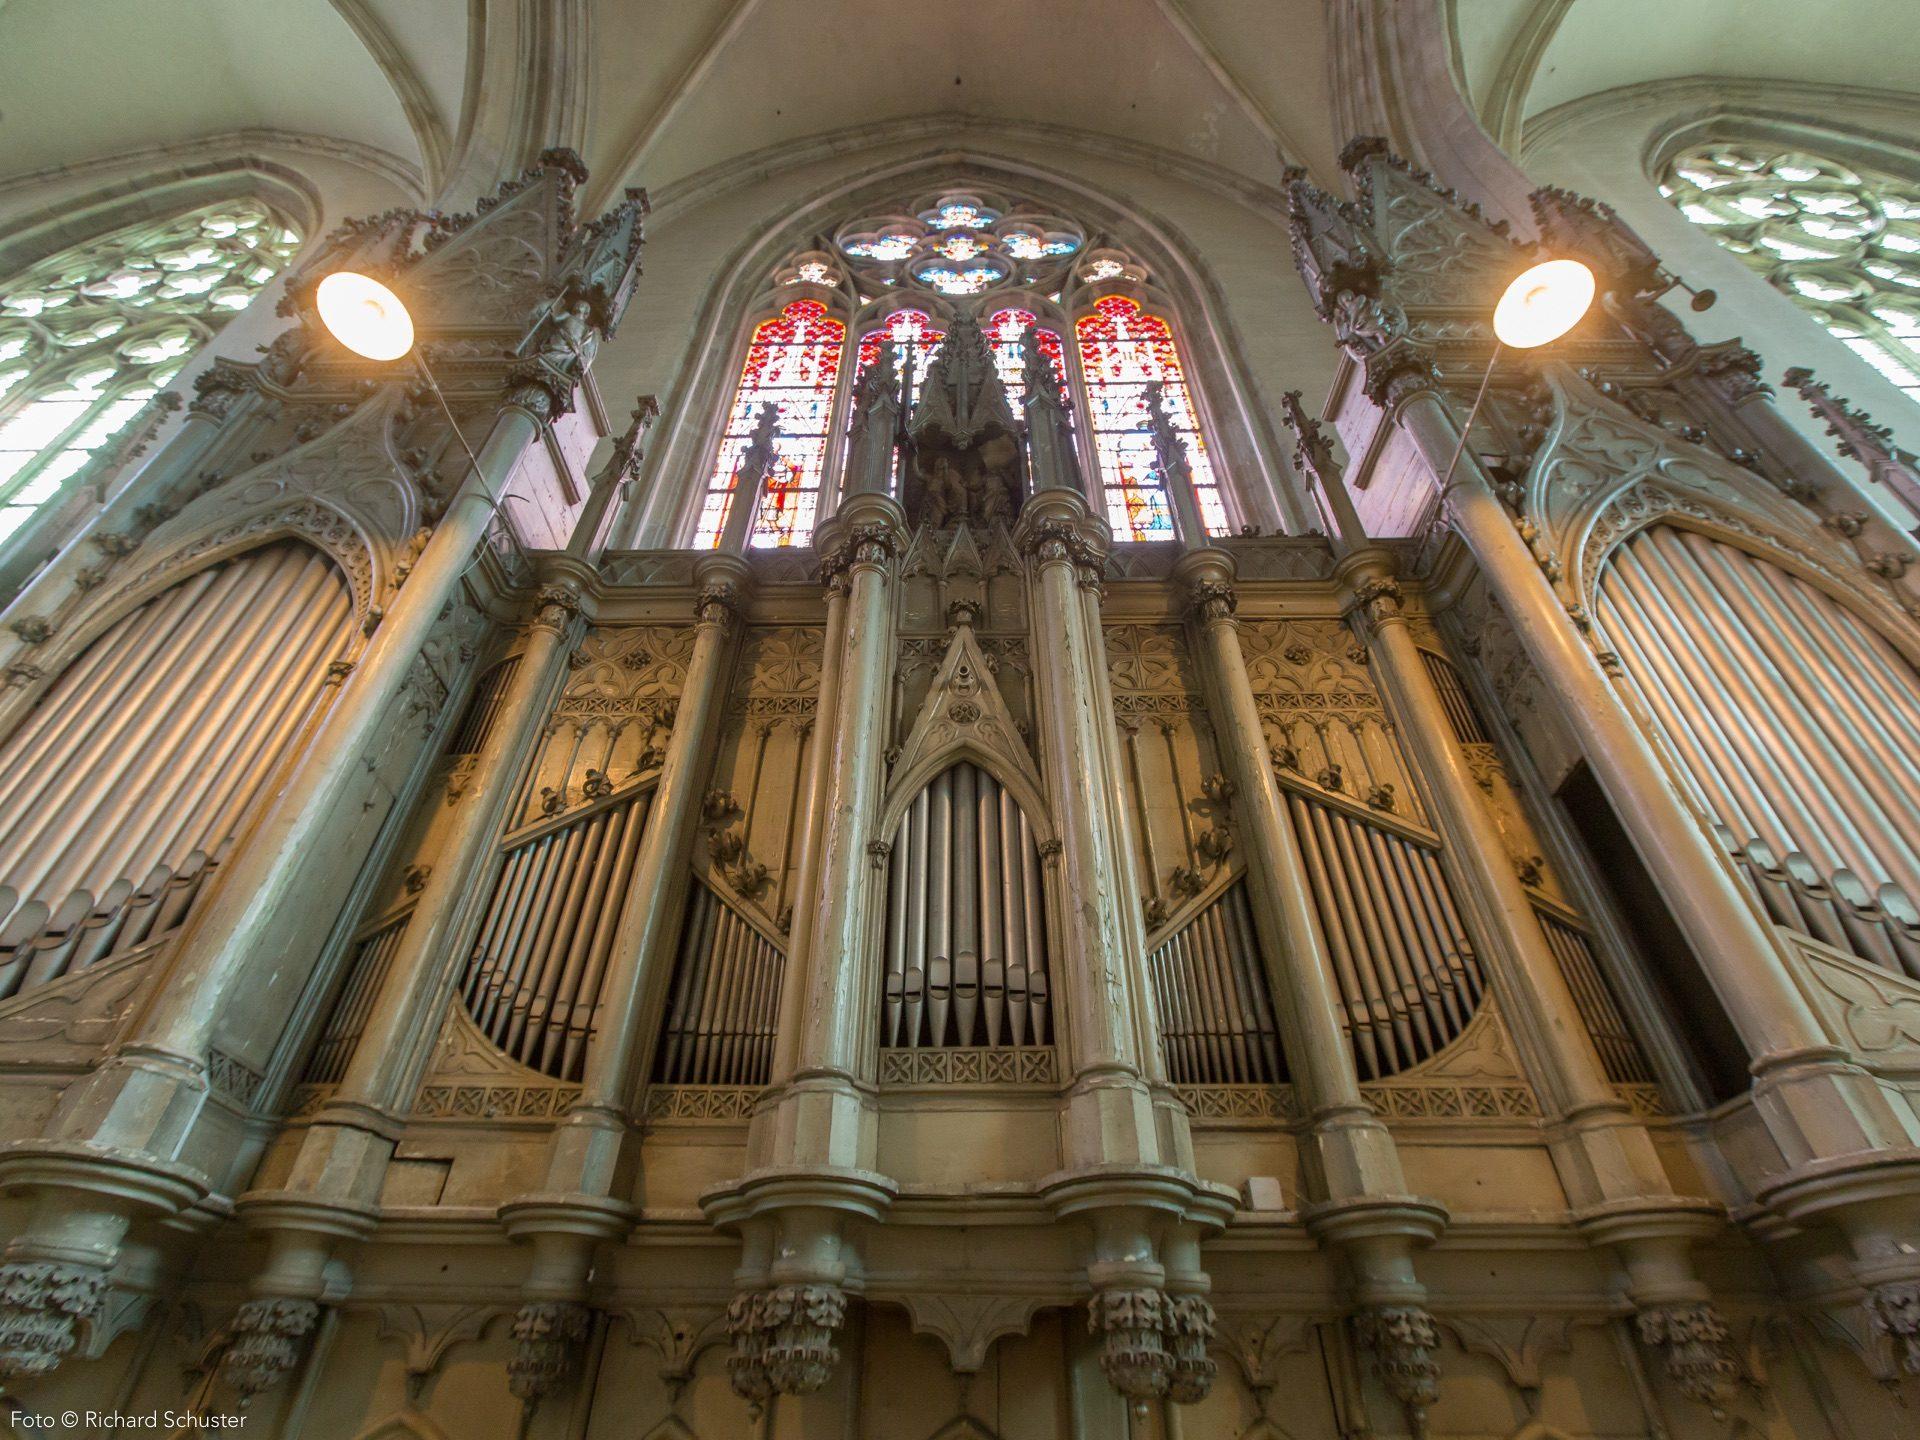 Die Orgel der Minoritenkirche gehört zu den bedeutenden historischen Orgeln Wiens. Sie wurde 1786 gebaut.